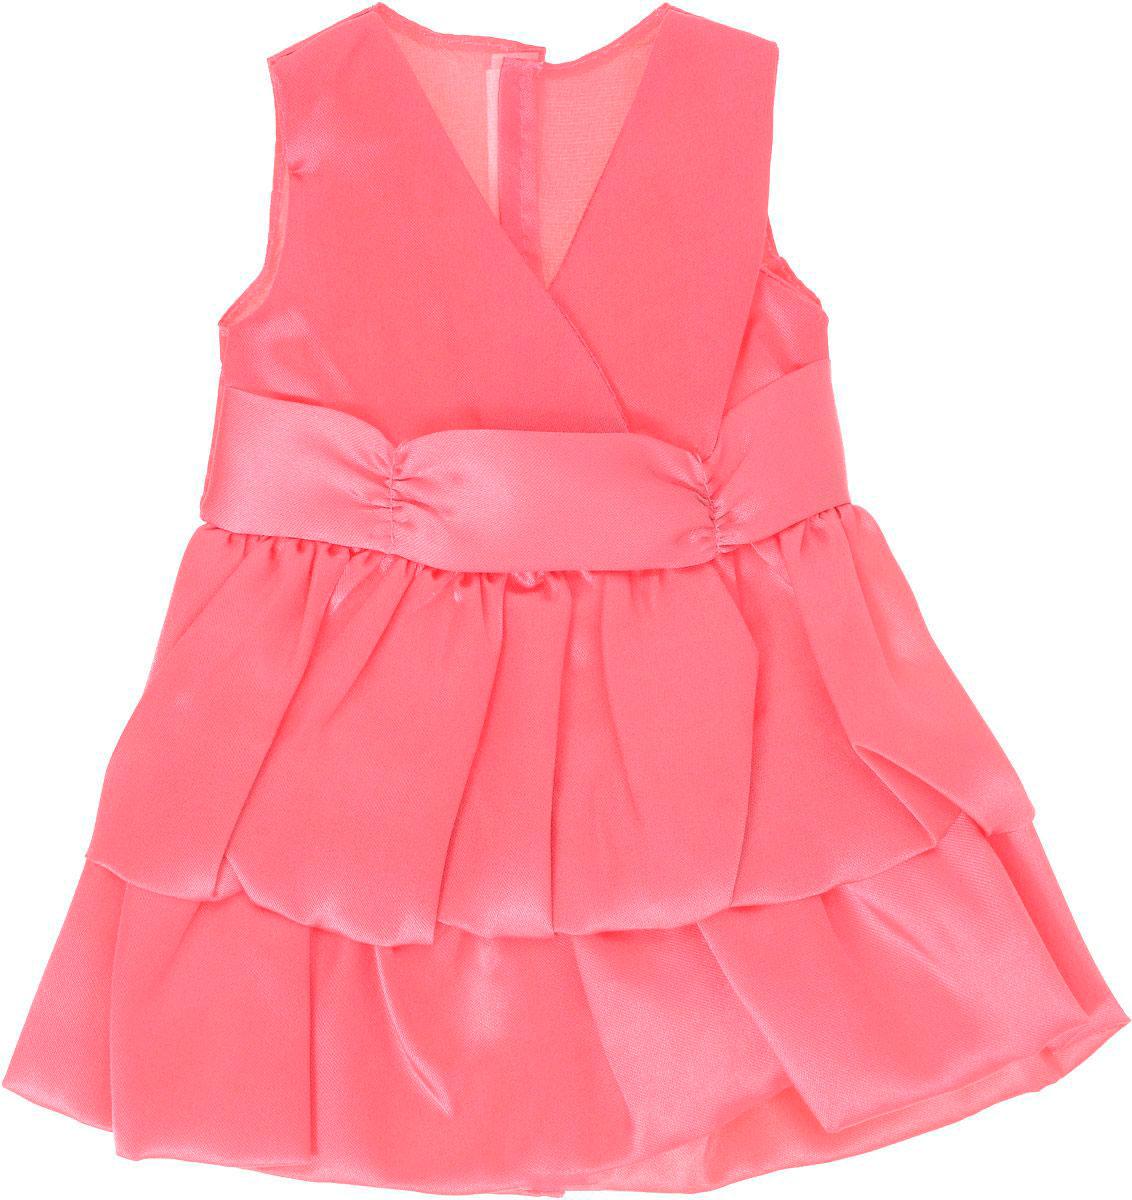 Купить Одежда для кукол: платье, атласное, JUNFA TOYS